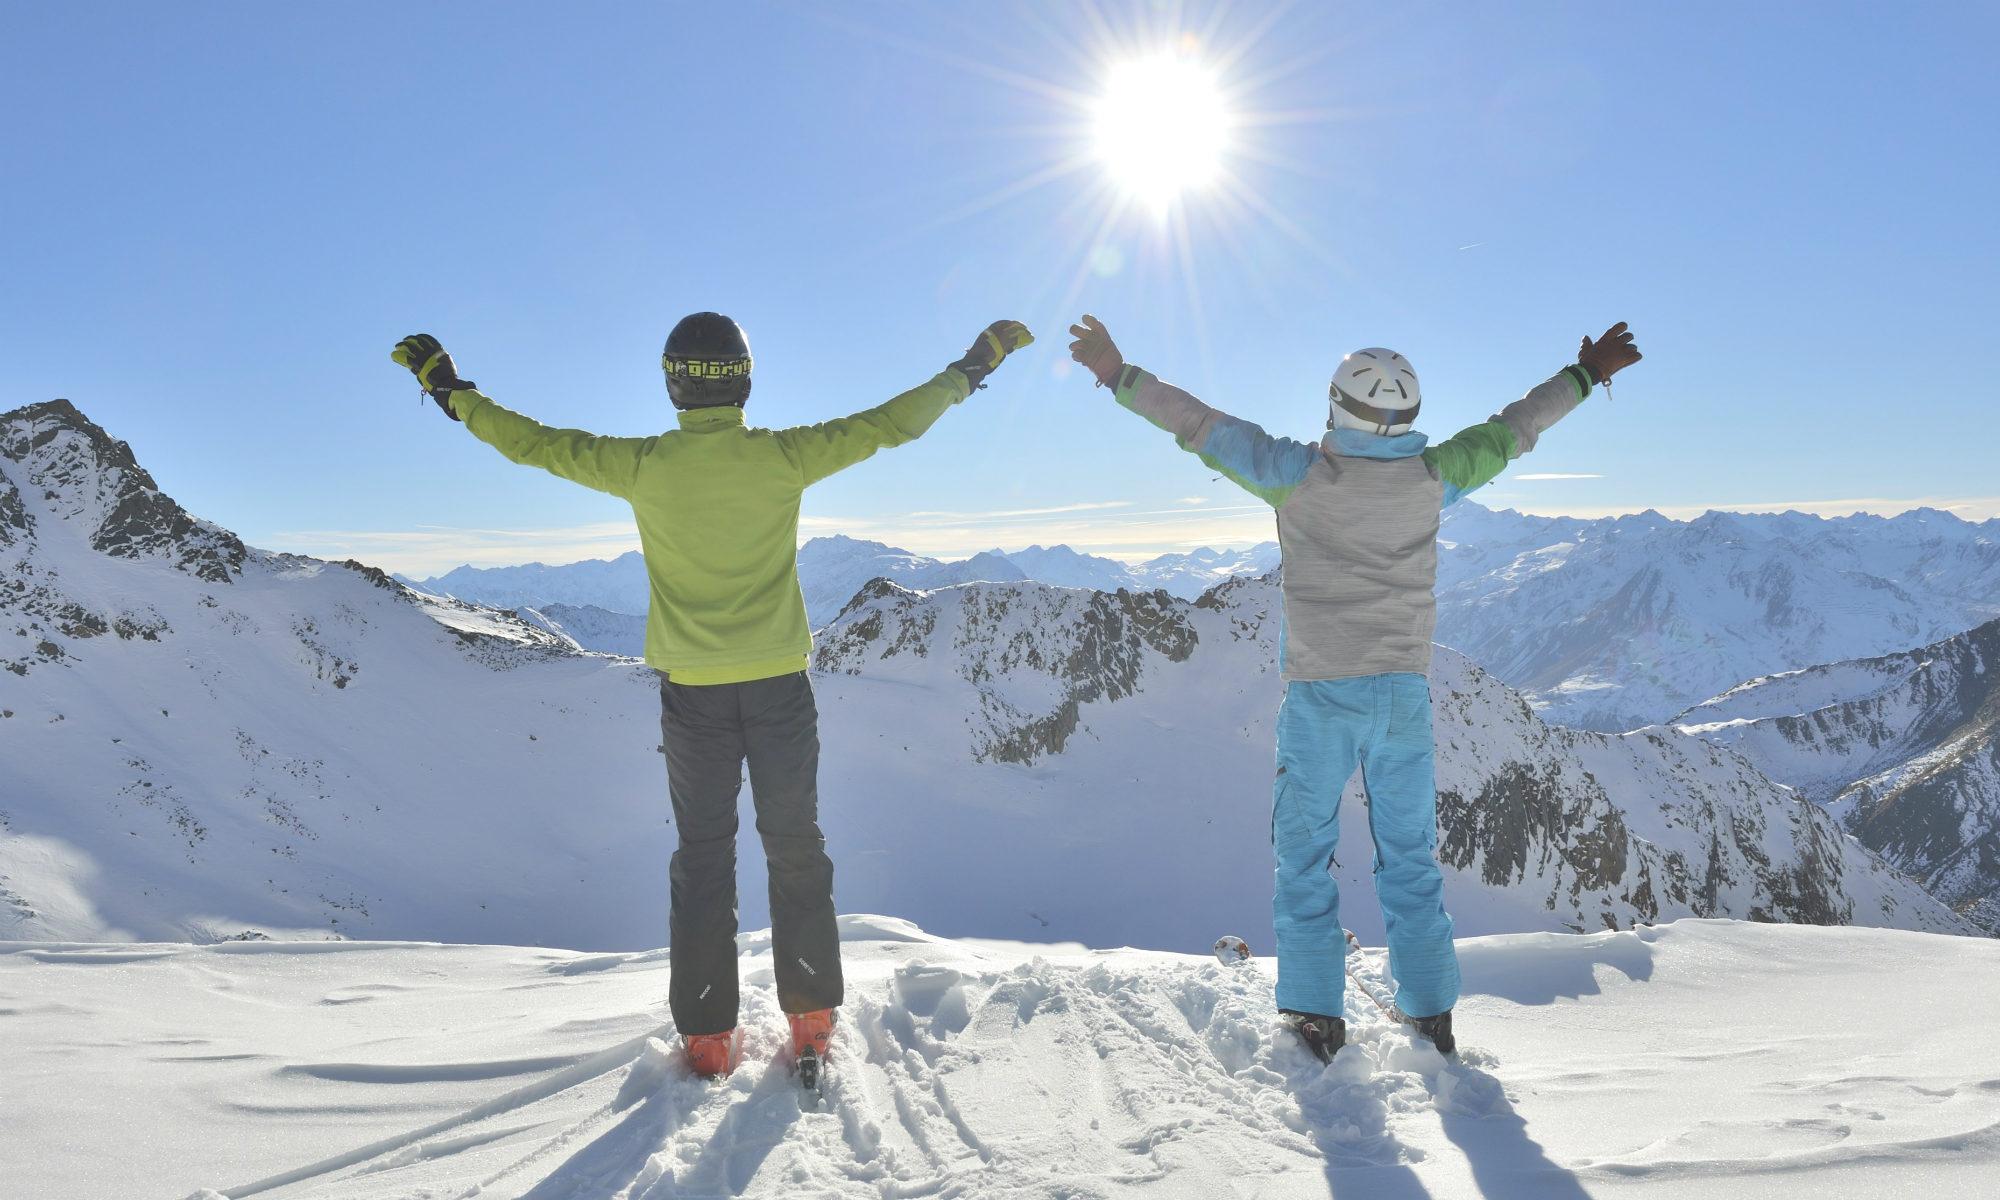 Zwei Skifahrer blicken von einer Skipiste auf sonnige Berggipfel.